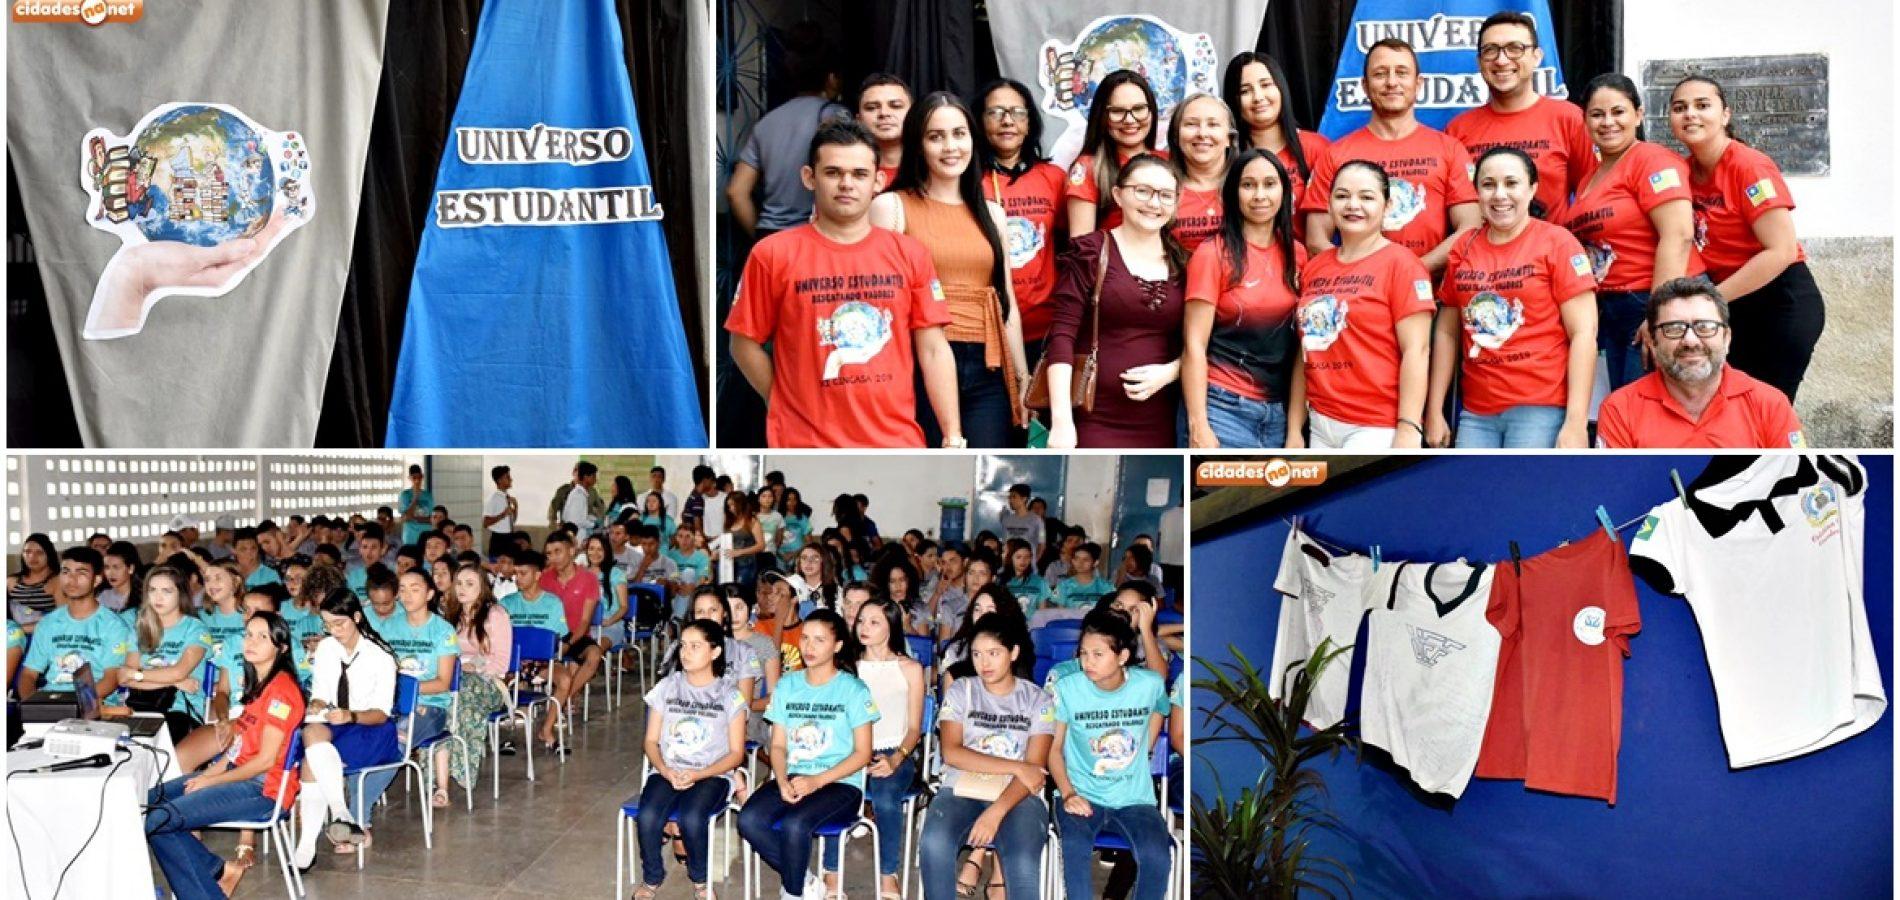 ALEGRETE│Apresentações culturais e abertura de estandes marcaram o 3º dia do IV Festival Estudantil de Identidade Cultural da U.E. ASA; fotos